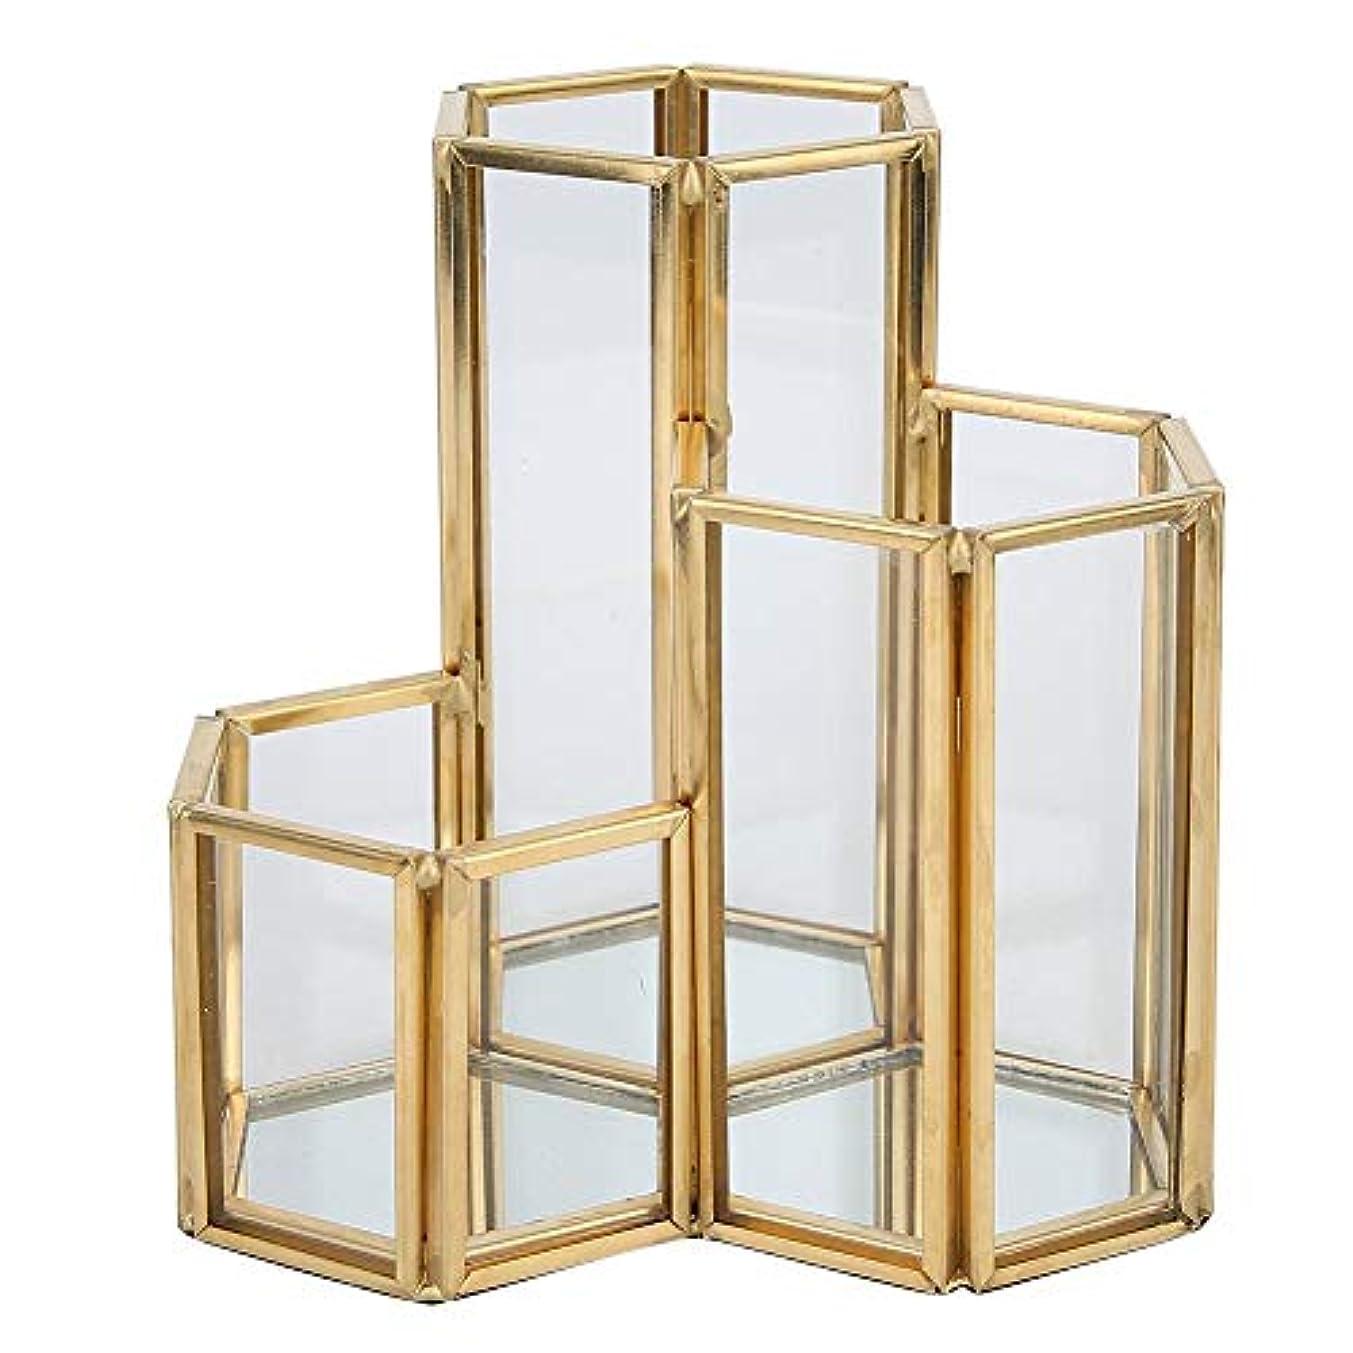 お願いします紳士気取りの、きざなレザー3スロットネイルアートツール収納ボックス、ネイルブラシネイルアクセサリー収納ボックス、多目的化粧品ディスプレイケース(01)